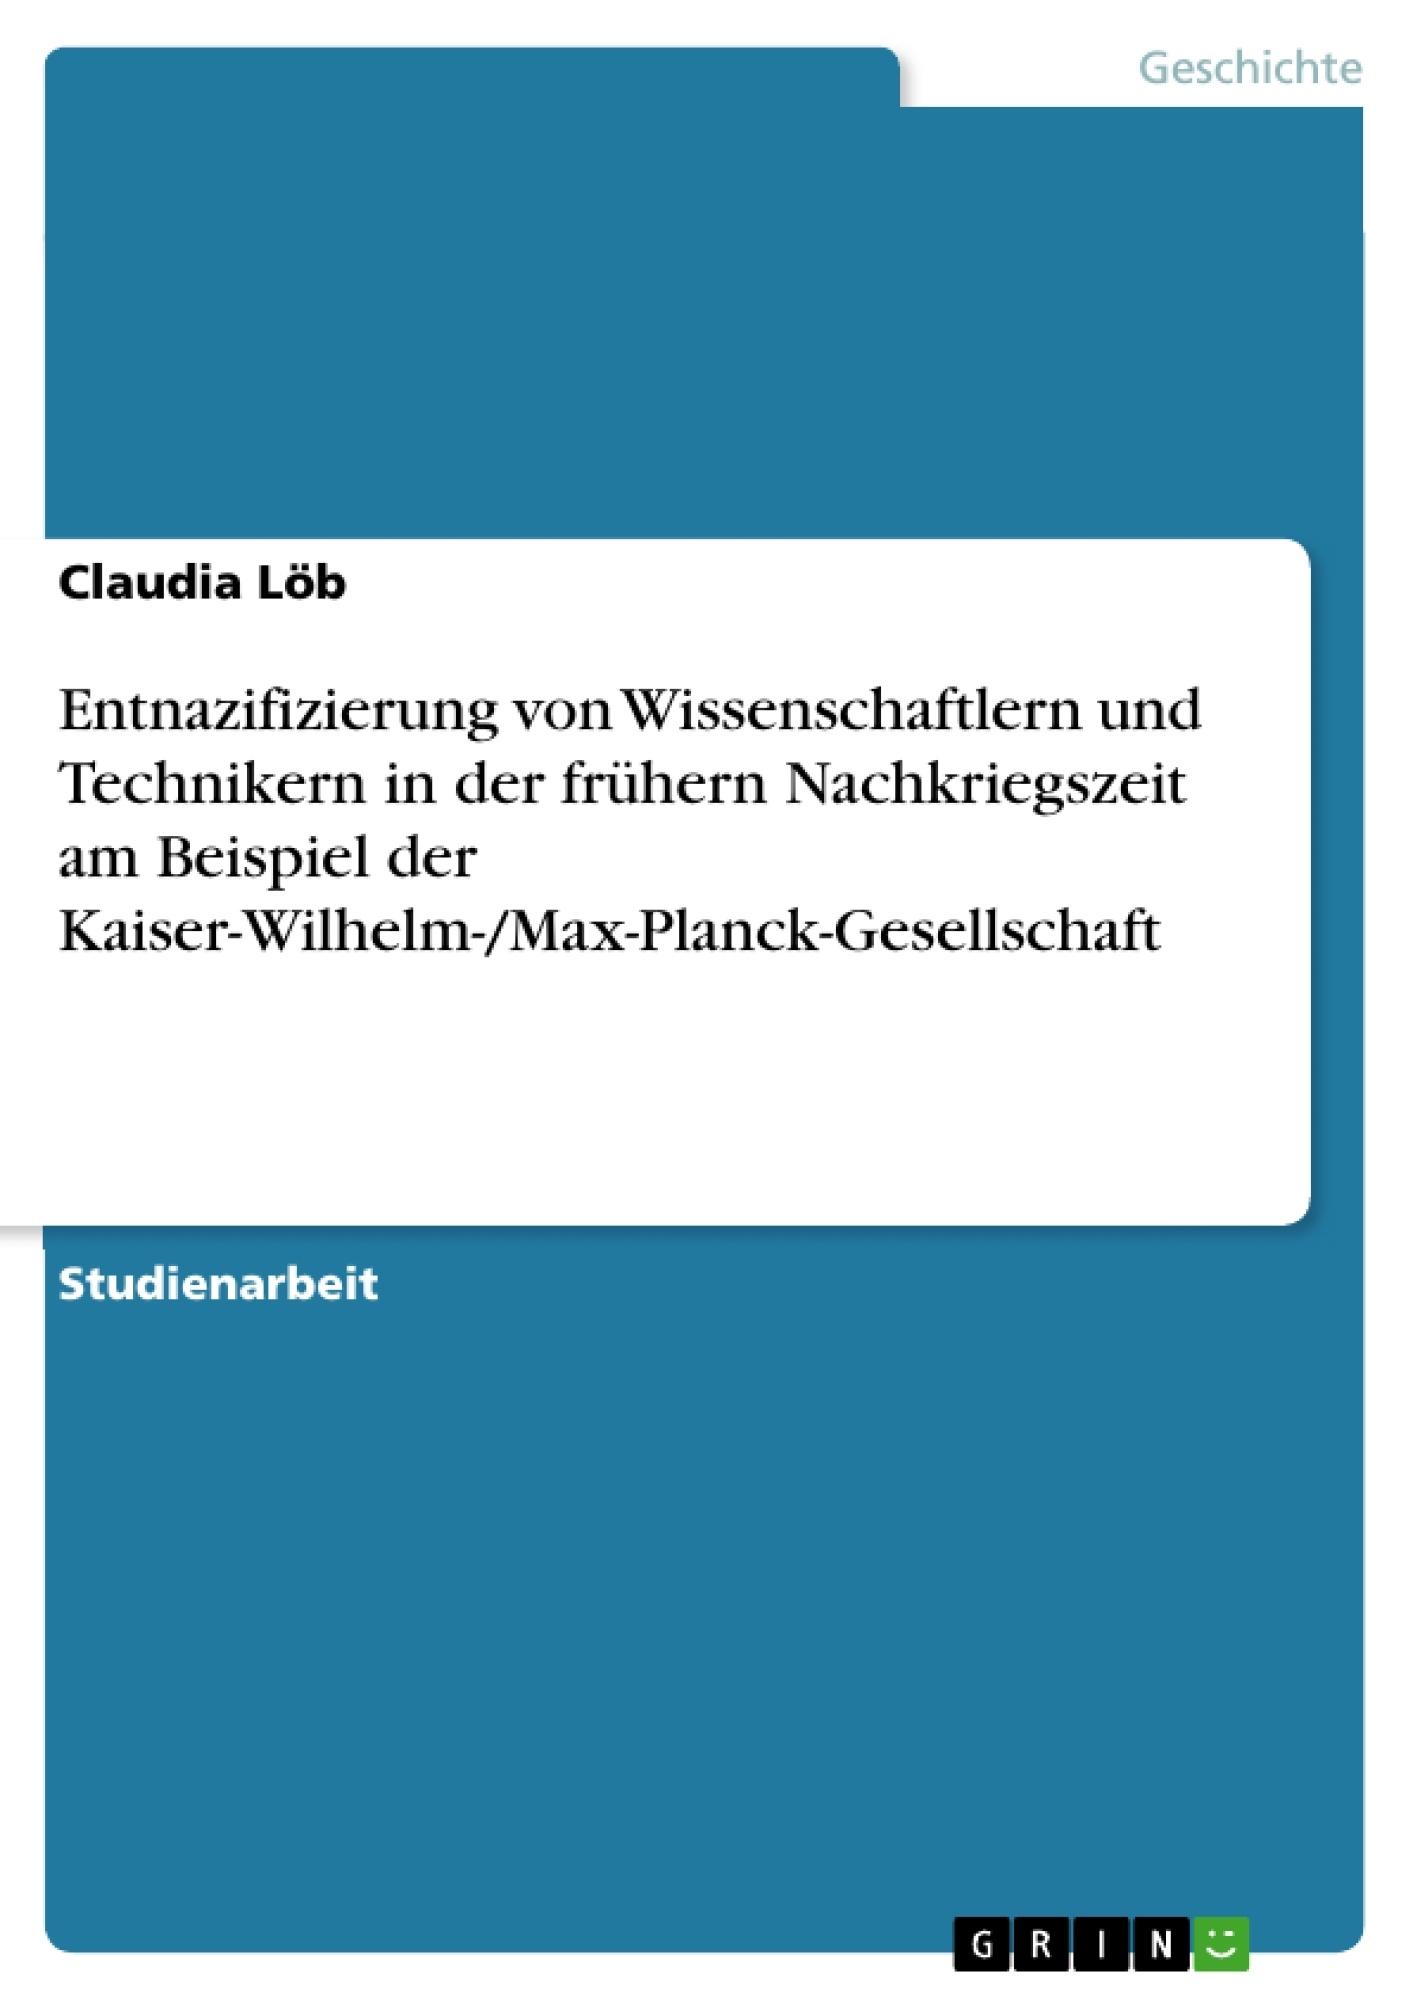 Titel: Entnazifizierung von Wissenschaftlern und Technikern in der frühern Nachkriegszeit am Beispiel der Kaiser-Wilhelm-/Max-Planck-Gesellschaft